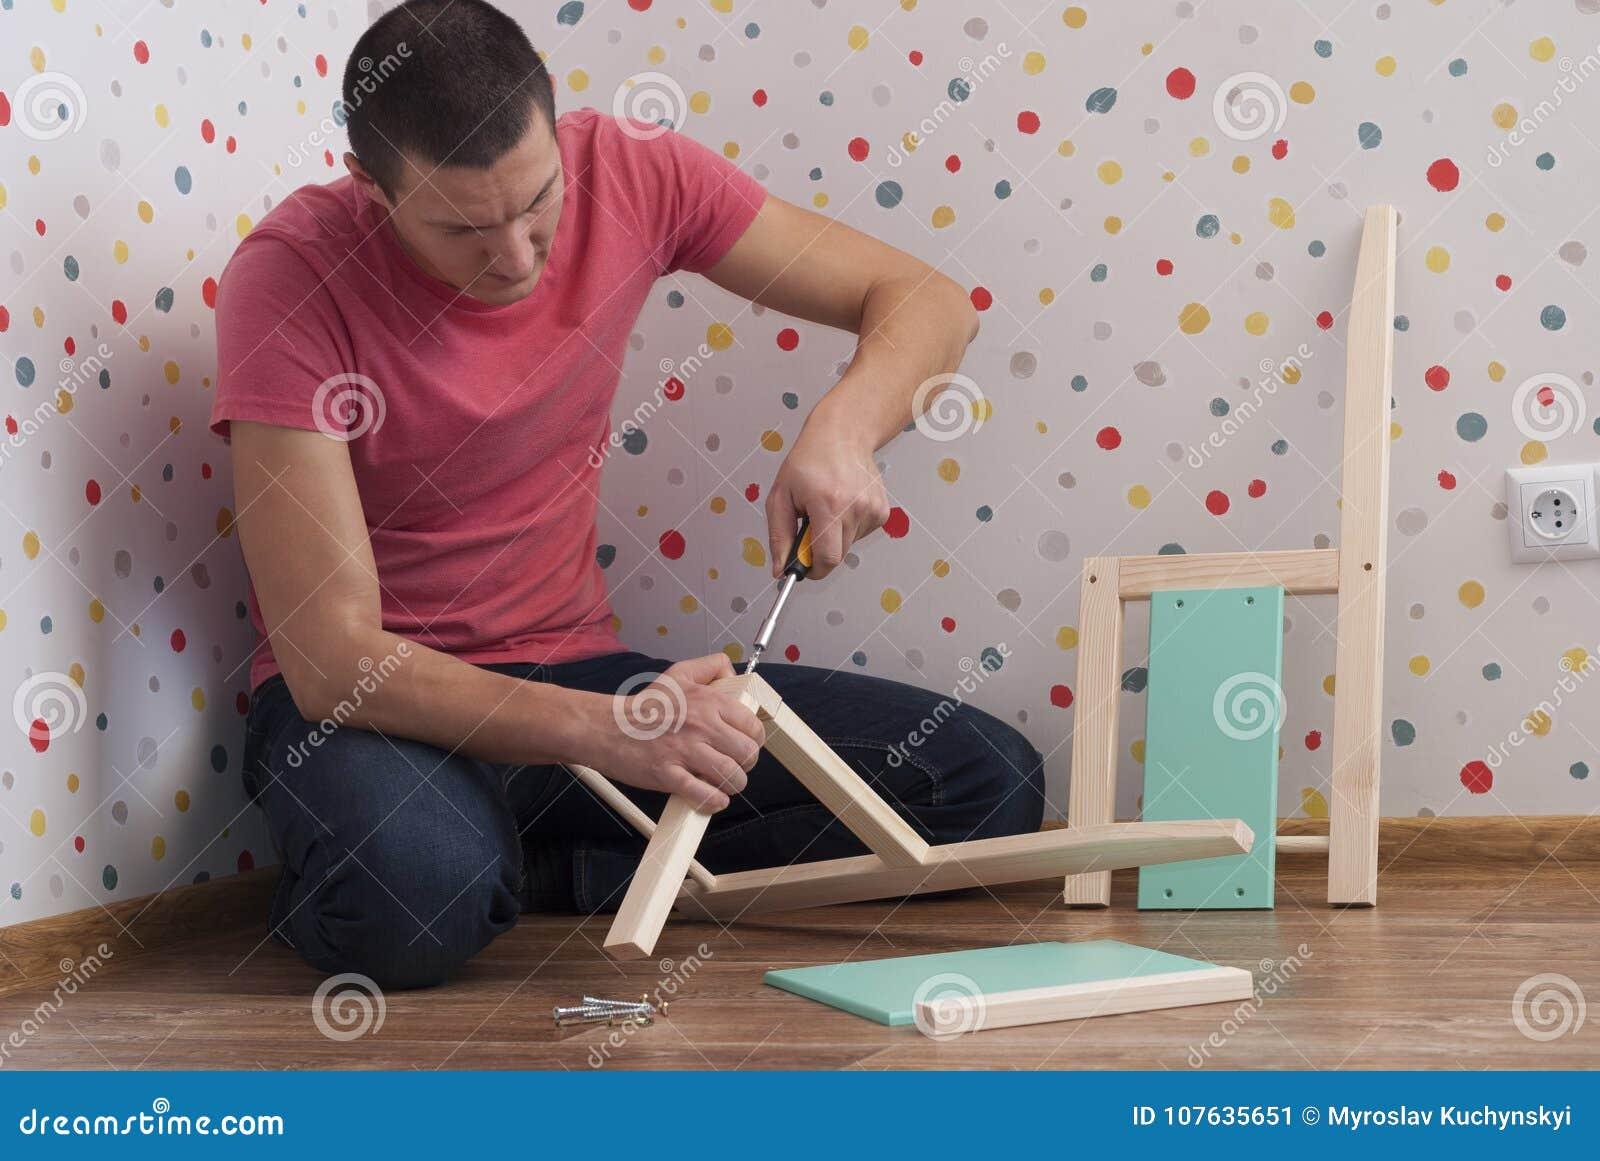 Ojciec gromadzić krzesła dla dzieci